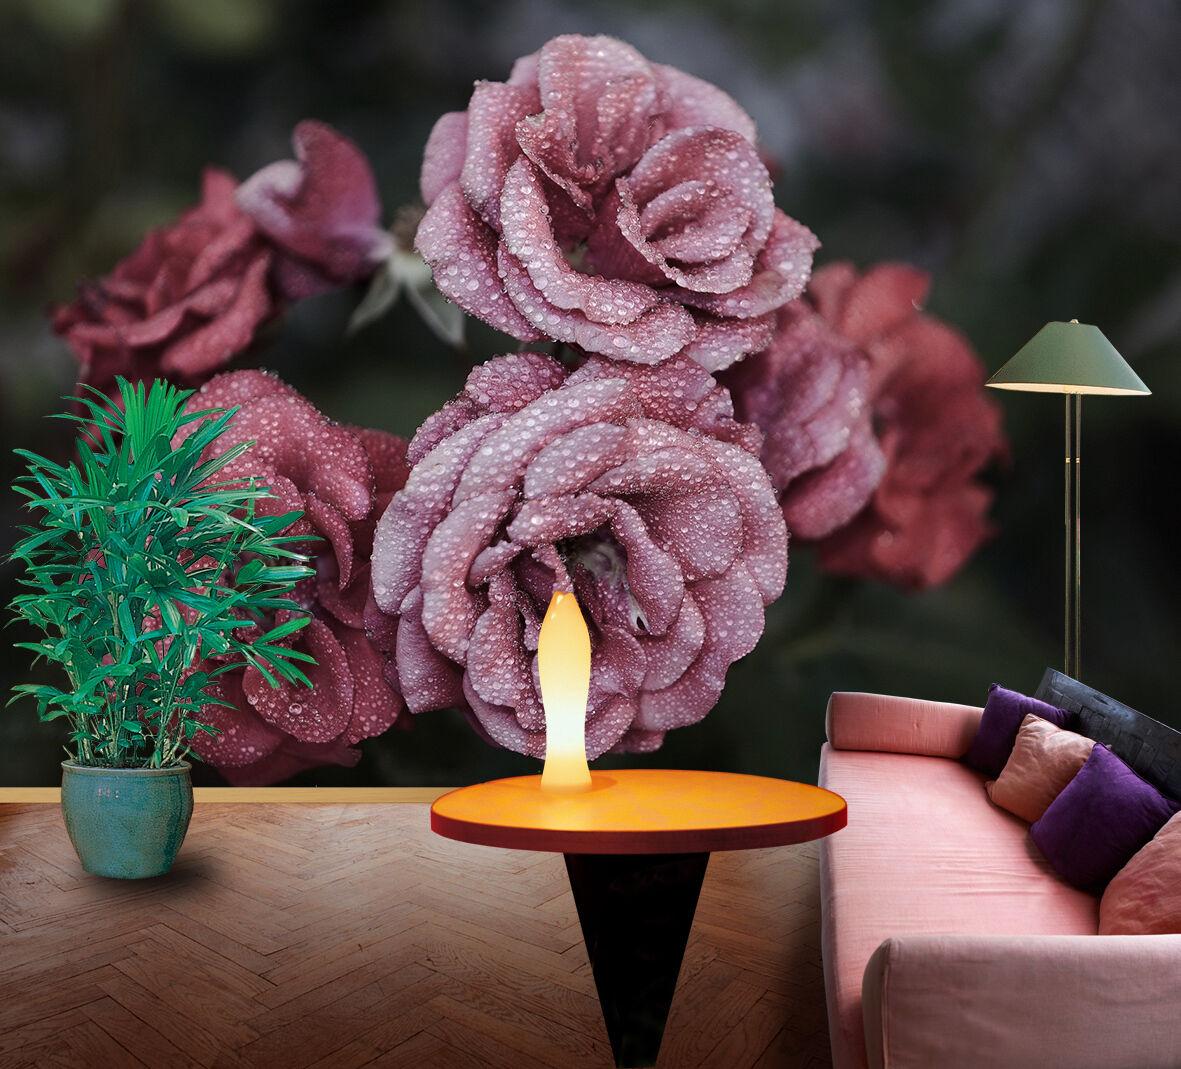 3D 3D 3D Rosa mit Tau 62 Fototapeten Wandbild Fototapete Bild Tapete Familie Kinder | Um Eine Hohe Bewunderung Gewinnen Und Ist Weit Verbreitet Trusted In-und   | Niedriger Preis  |  c32ee3